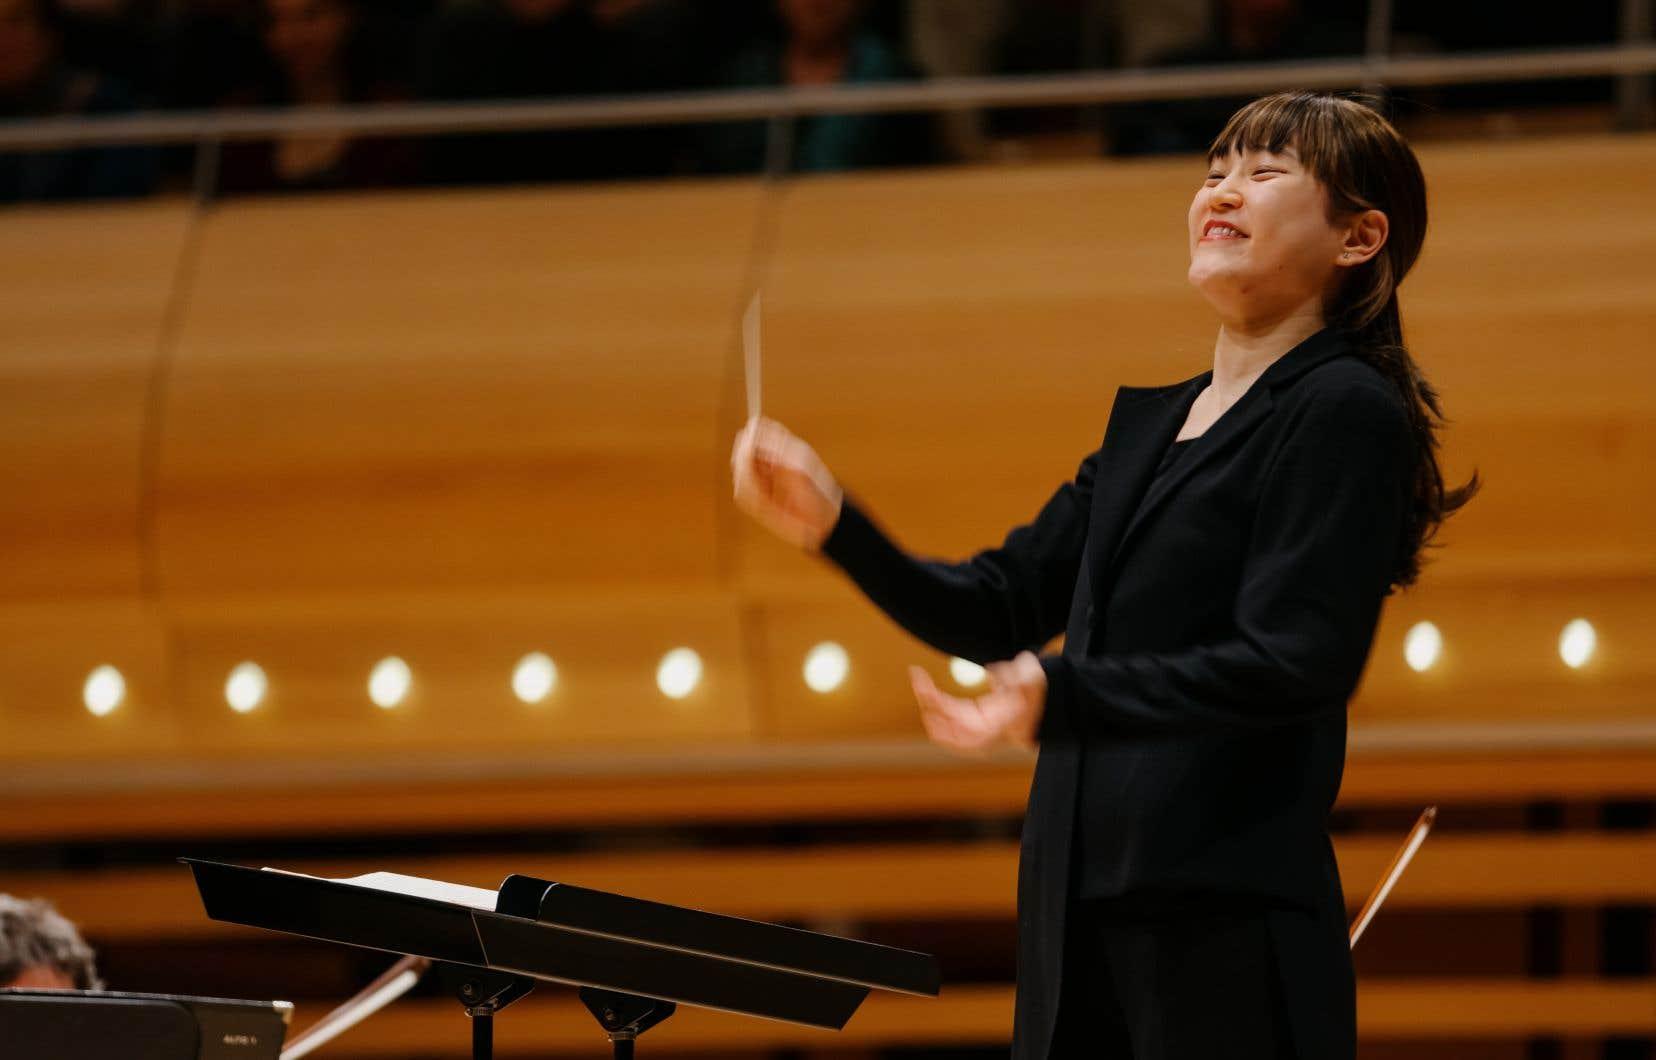 Han-Na Chang est une violoncelliste prodige reconvertie à la direction d'orchestre depuis une petite décennie.